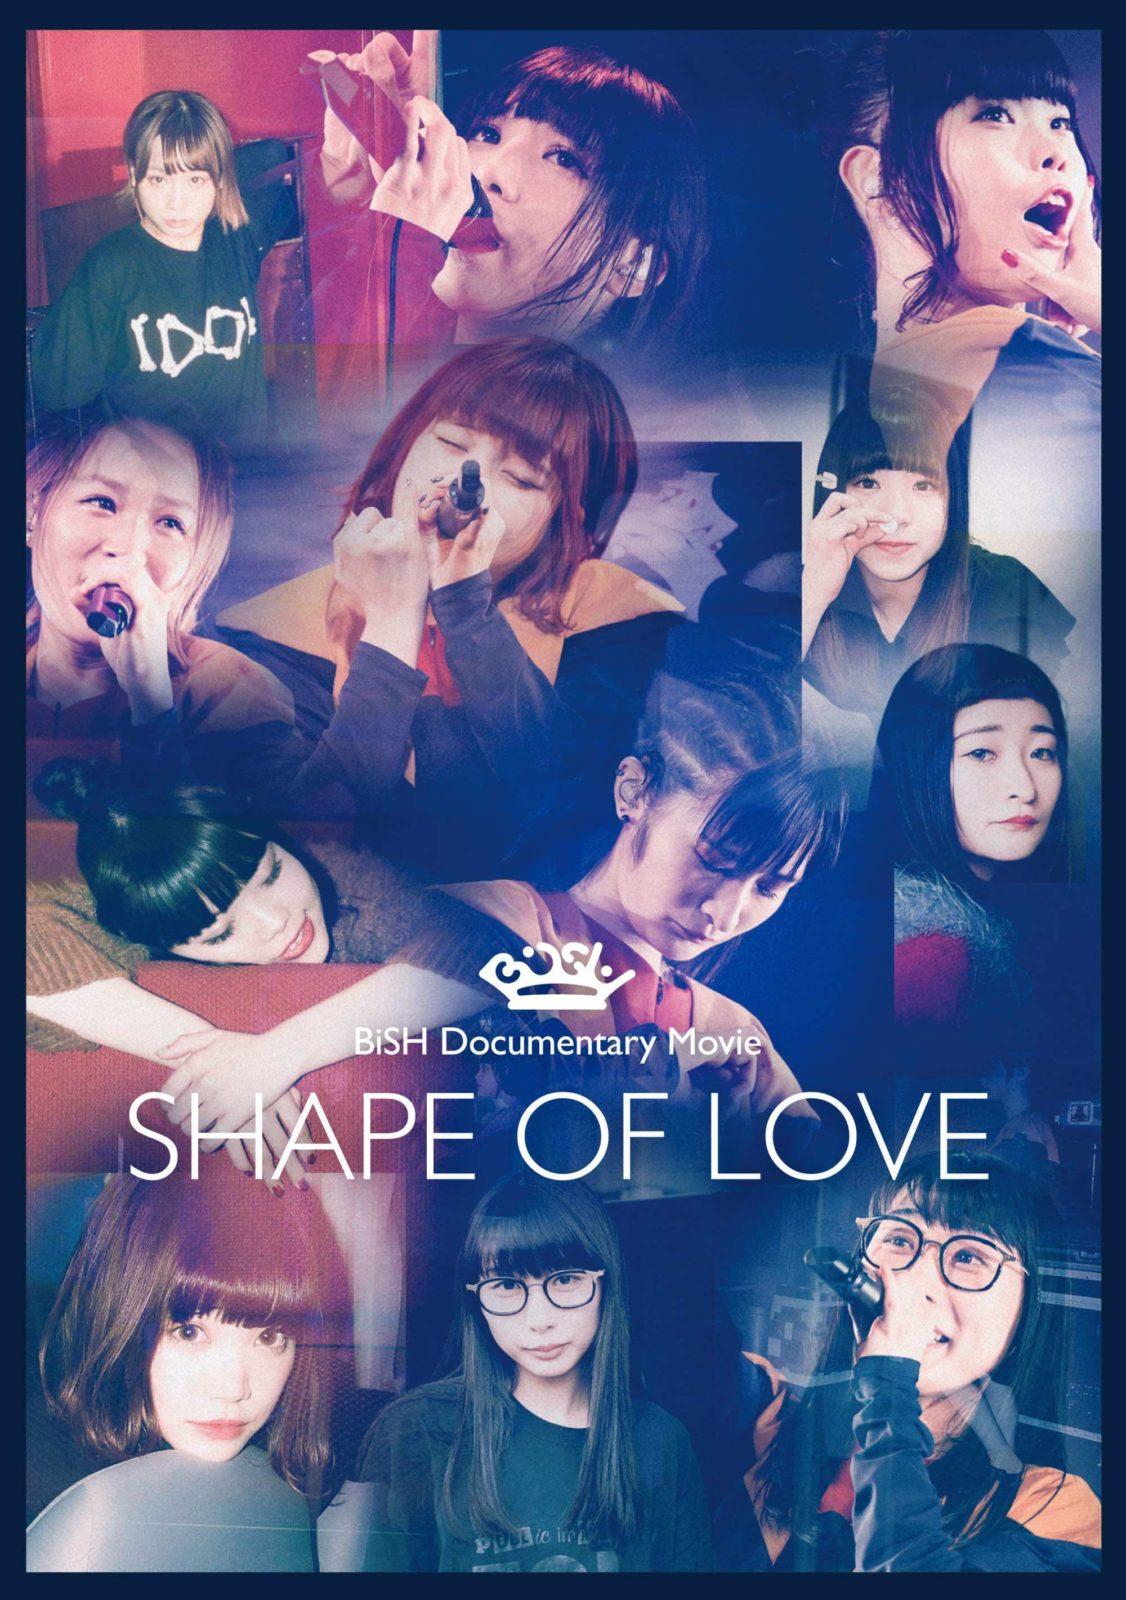 BiSH、ドキュメンタリー映像作品「SHAPE OF LOVE」の先行上映会が決定サムネイル画像